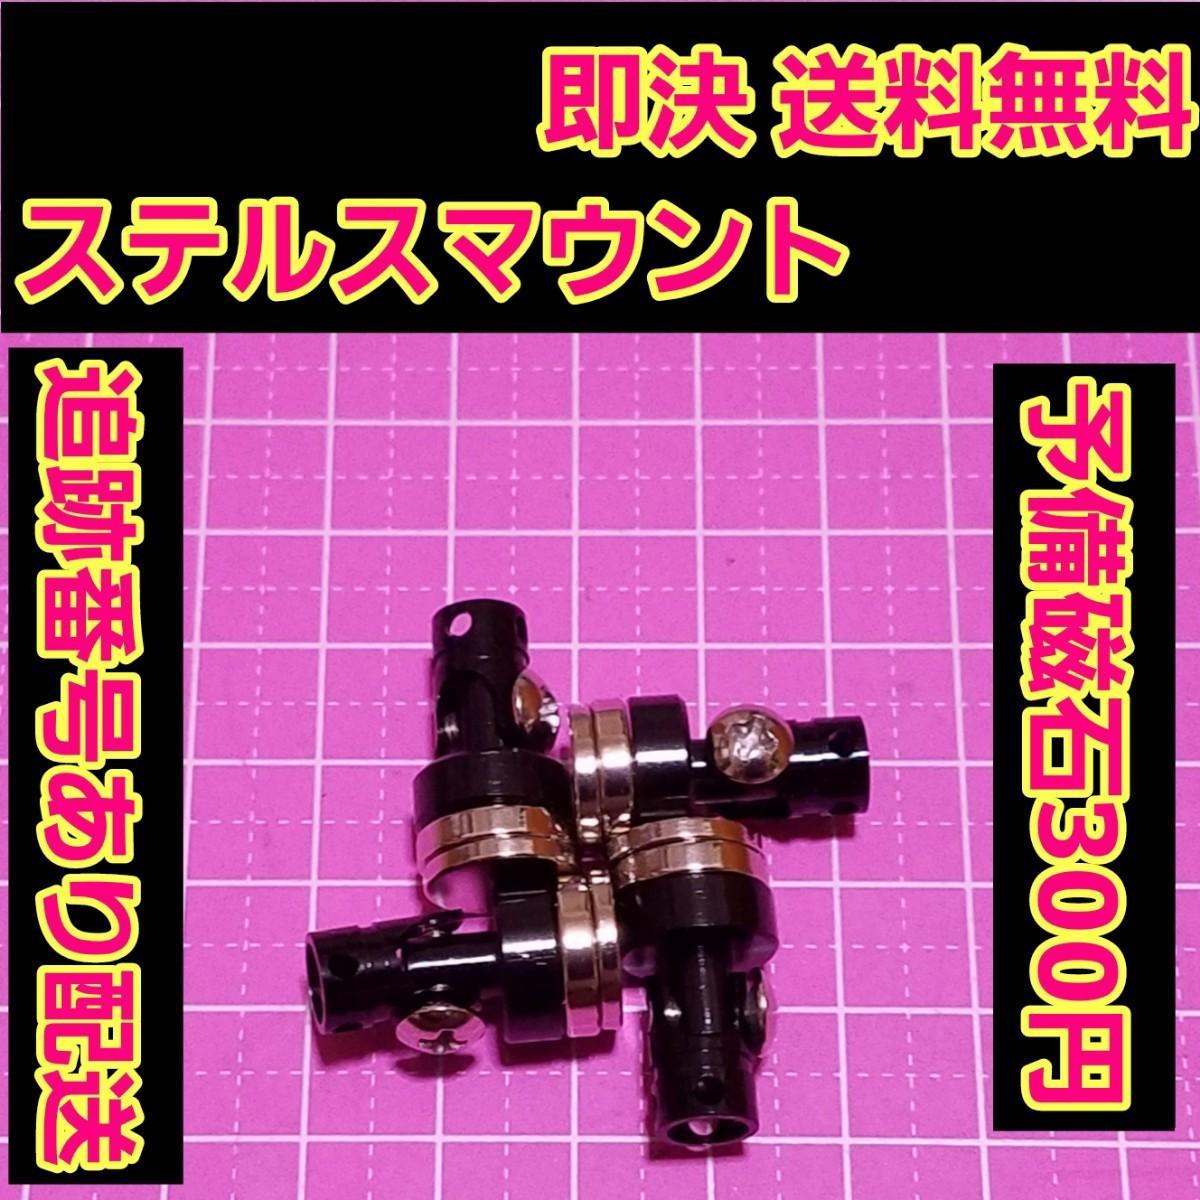 ステルス ボディ マウント 黒  ラジコン ドリパケ TT01 YD-2 ボディ